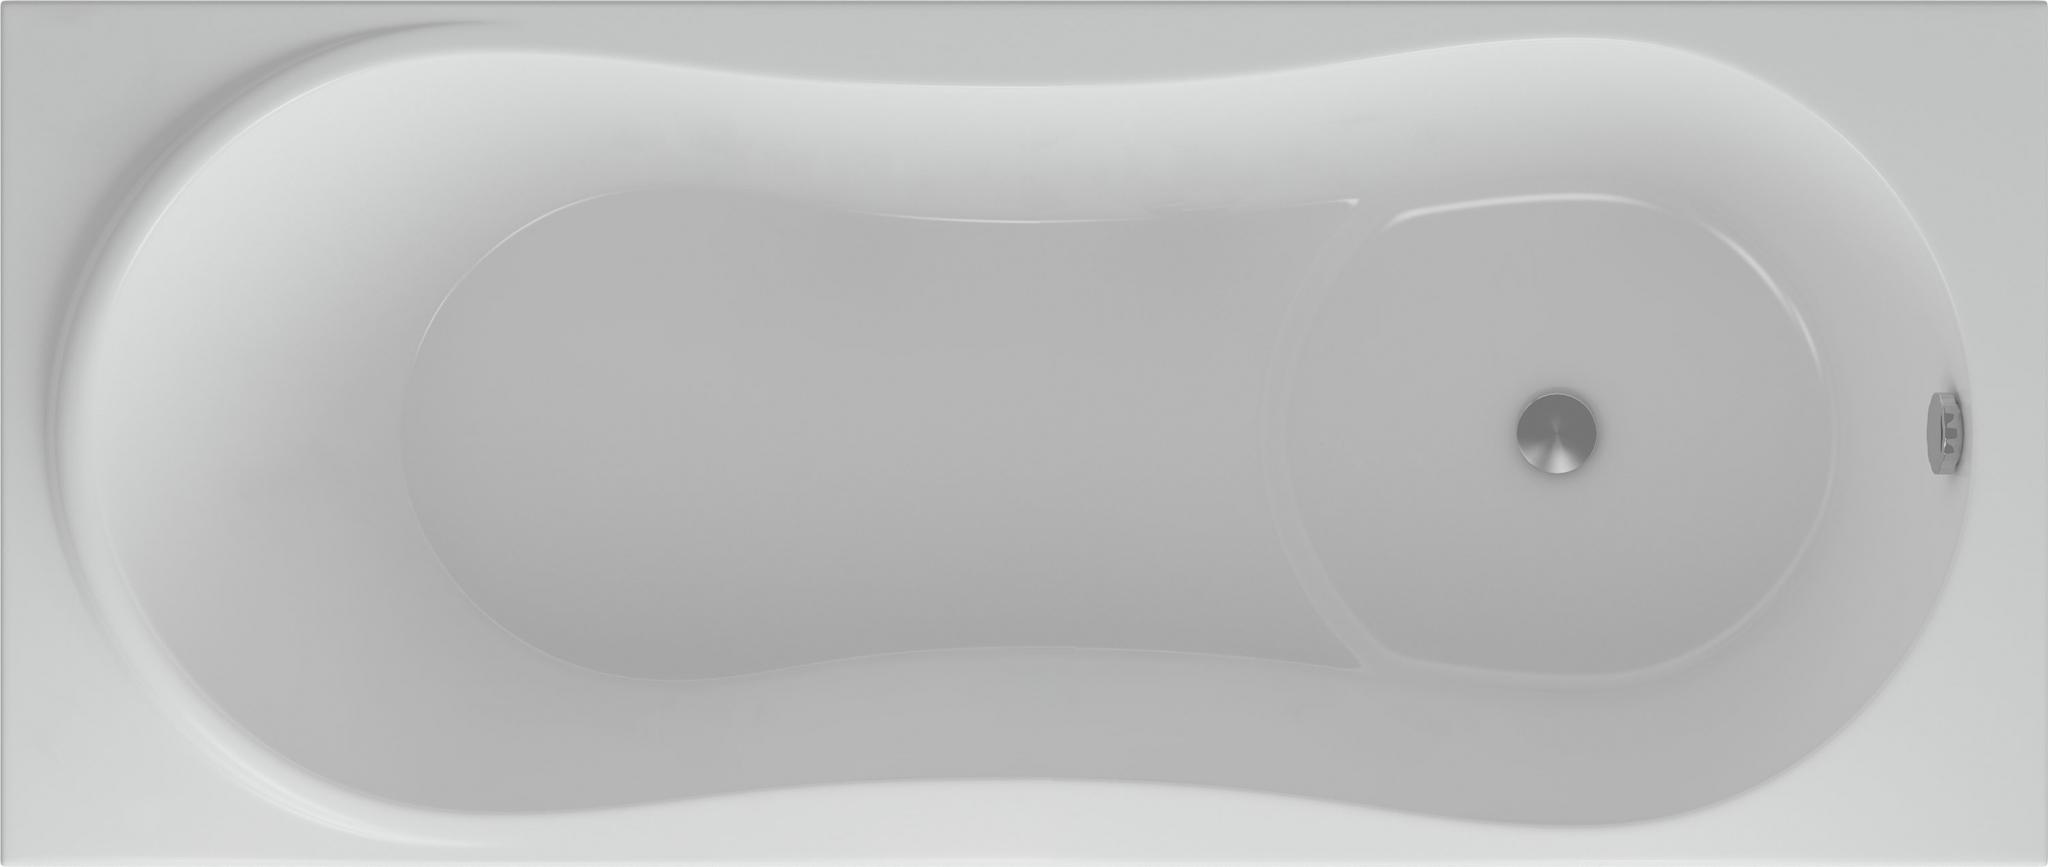 Акриловая ванна Акватек Афродита 150 см